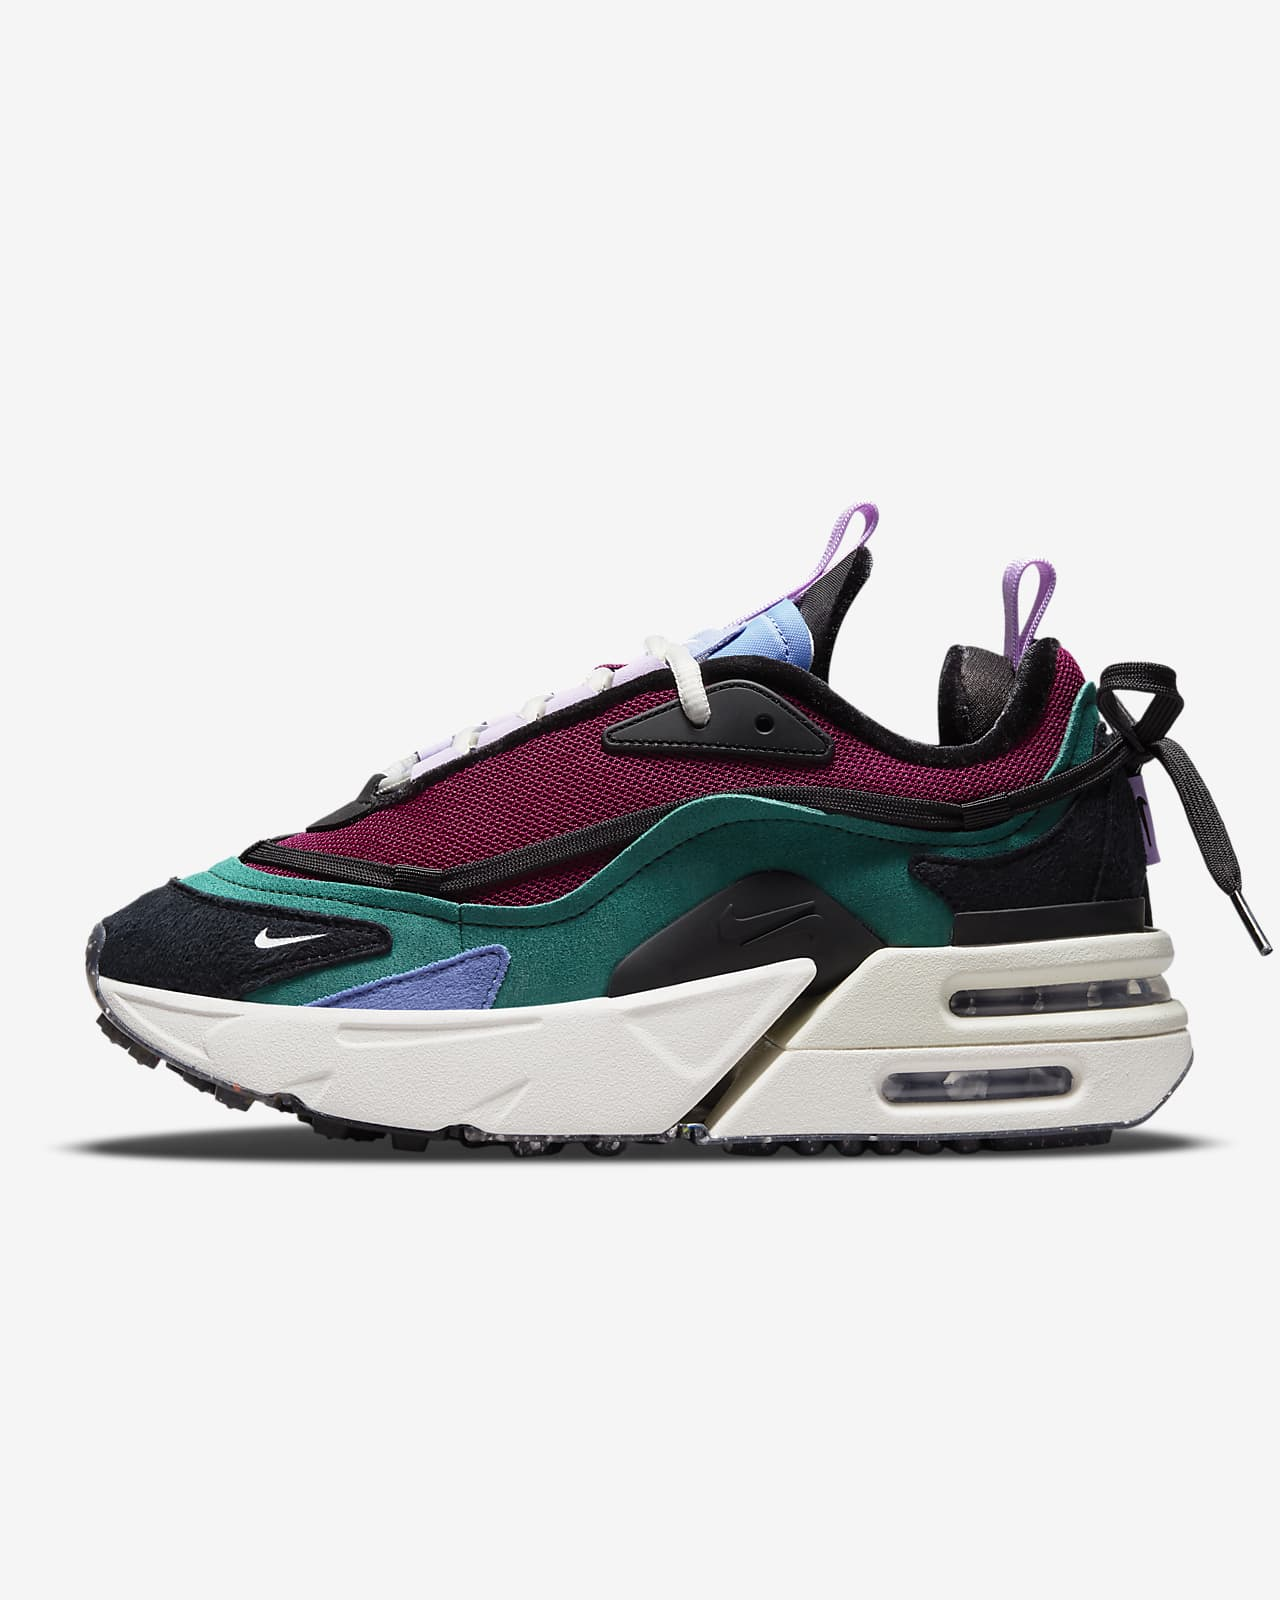 Chaussure Nike Air Max Furyosa NRG pour Femme